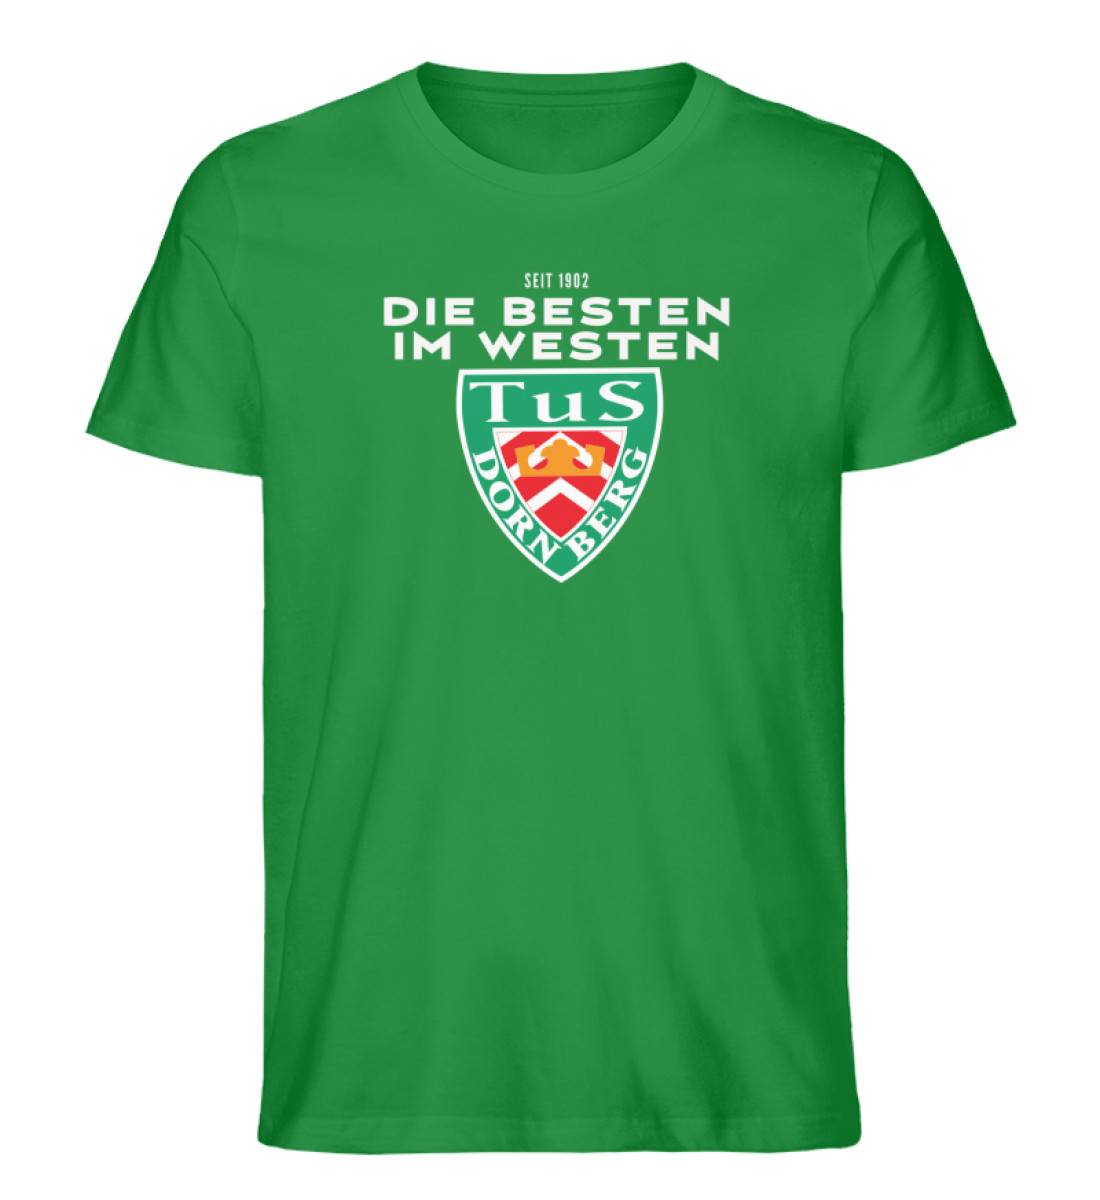 Die Besten im Westen - Herren Premium Organic Shirt-6890